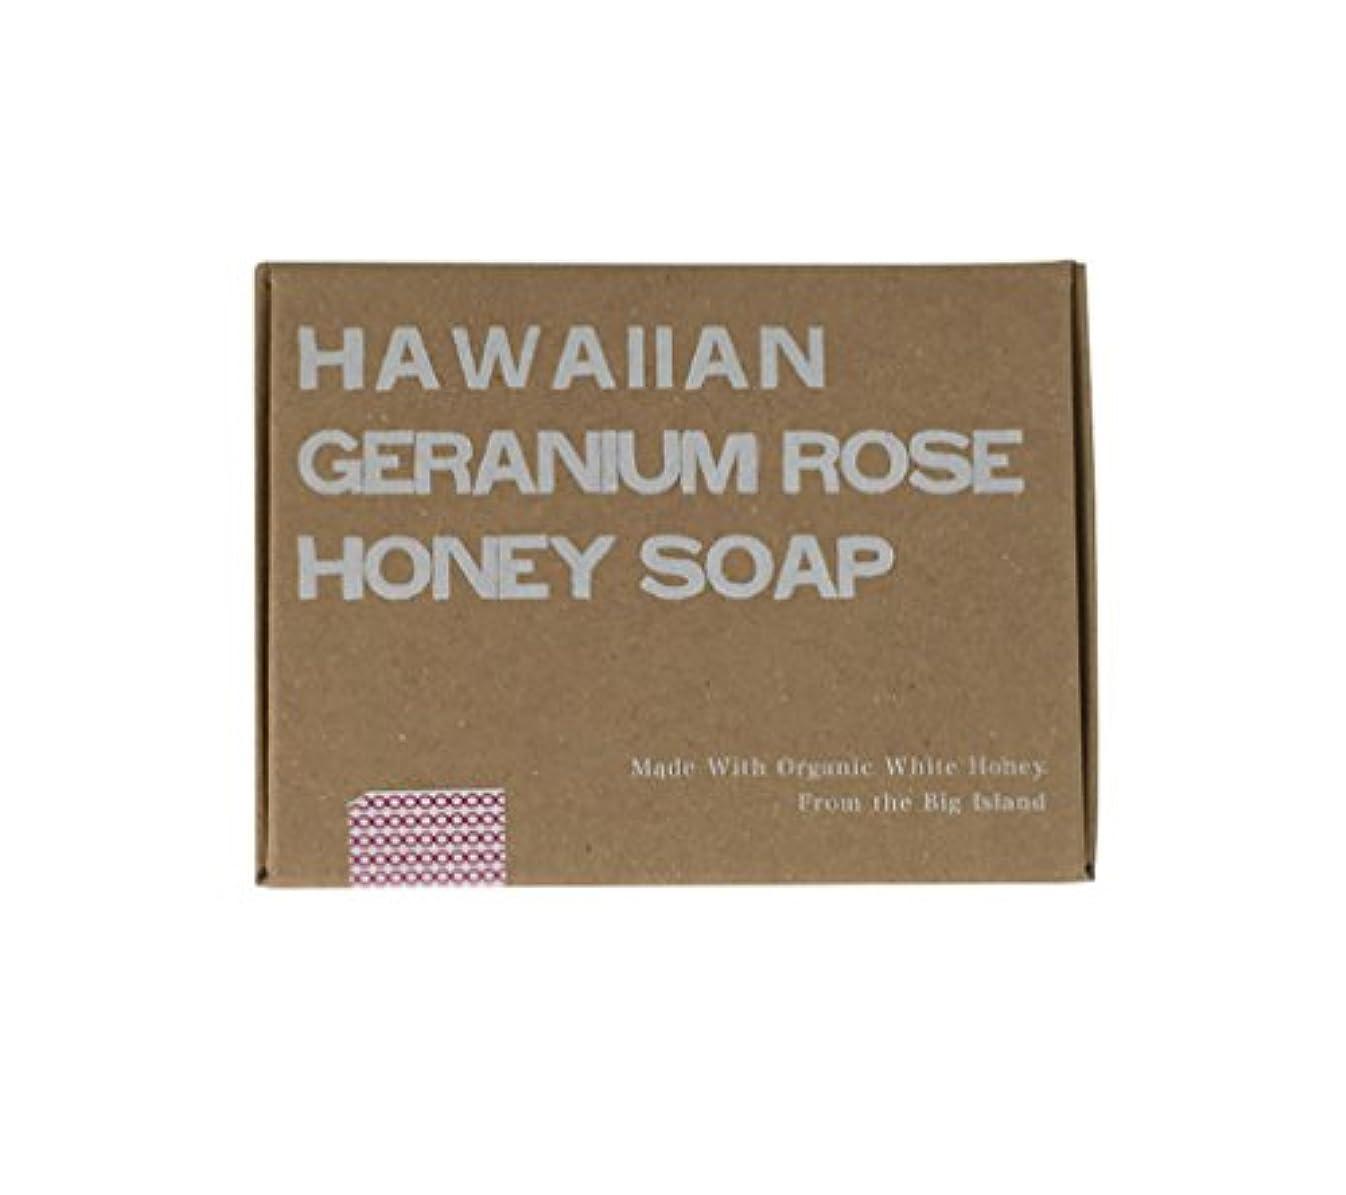 器具ポンペイアンドリューハリディホワイトハニーオーガニクス ハワイアン?ゼラニウムローズ?ハニーソープ (Hawaiian Geranium Rose Honey Soap)